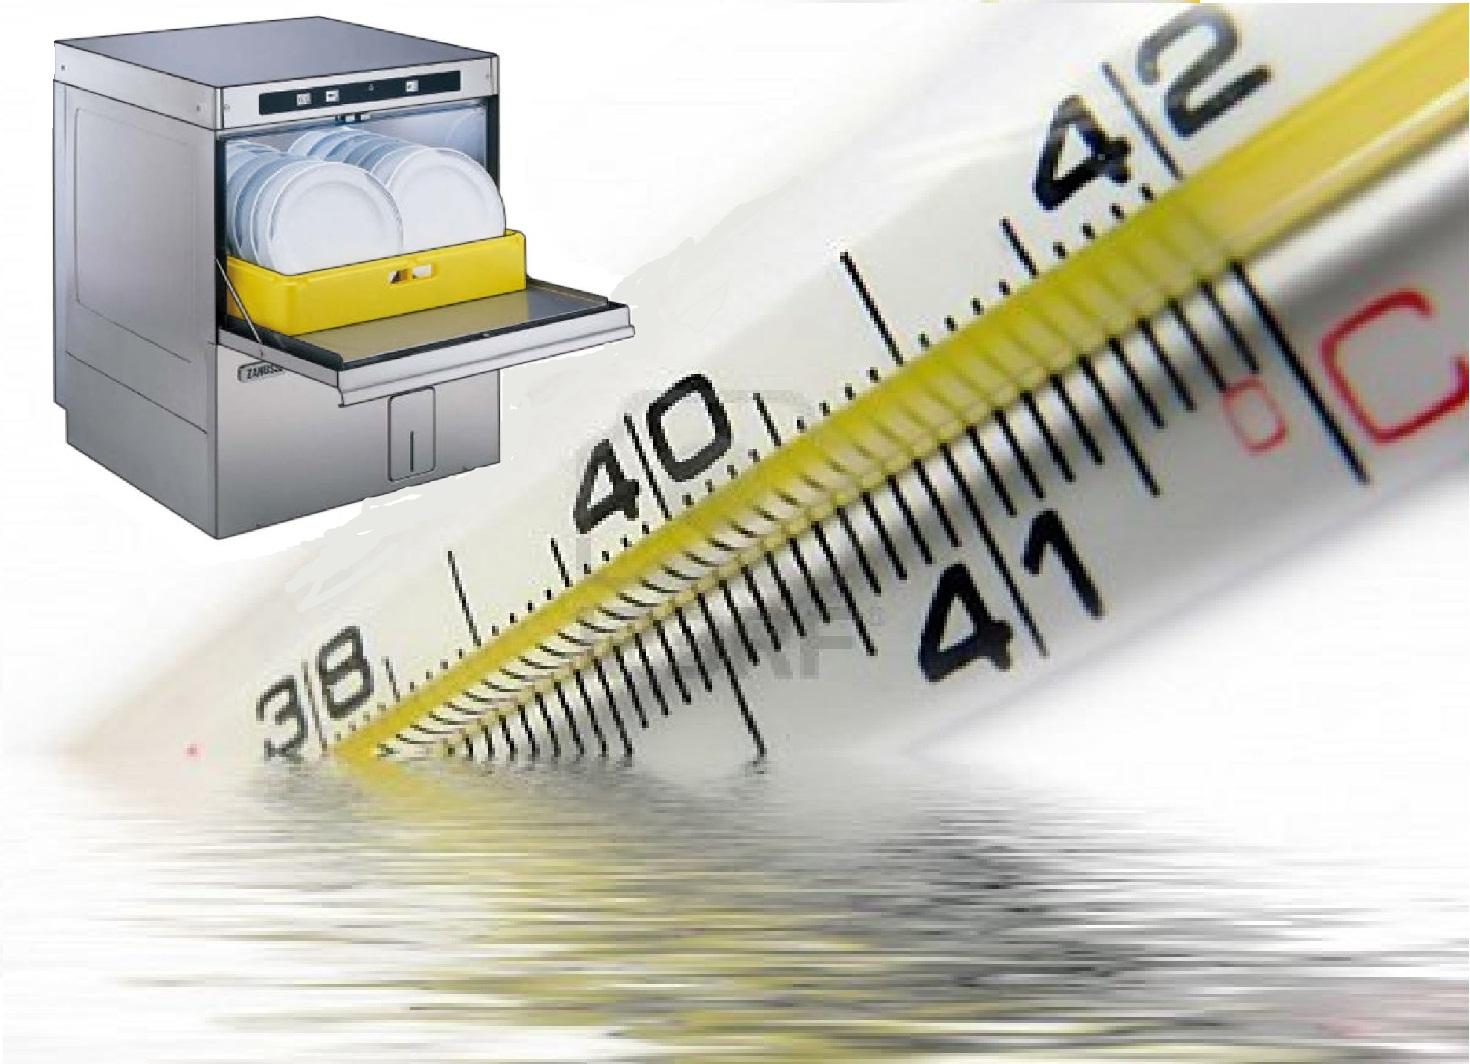 Jangan panaskan air di dalam mesin basuh pinggan mangkuk